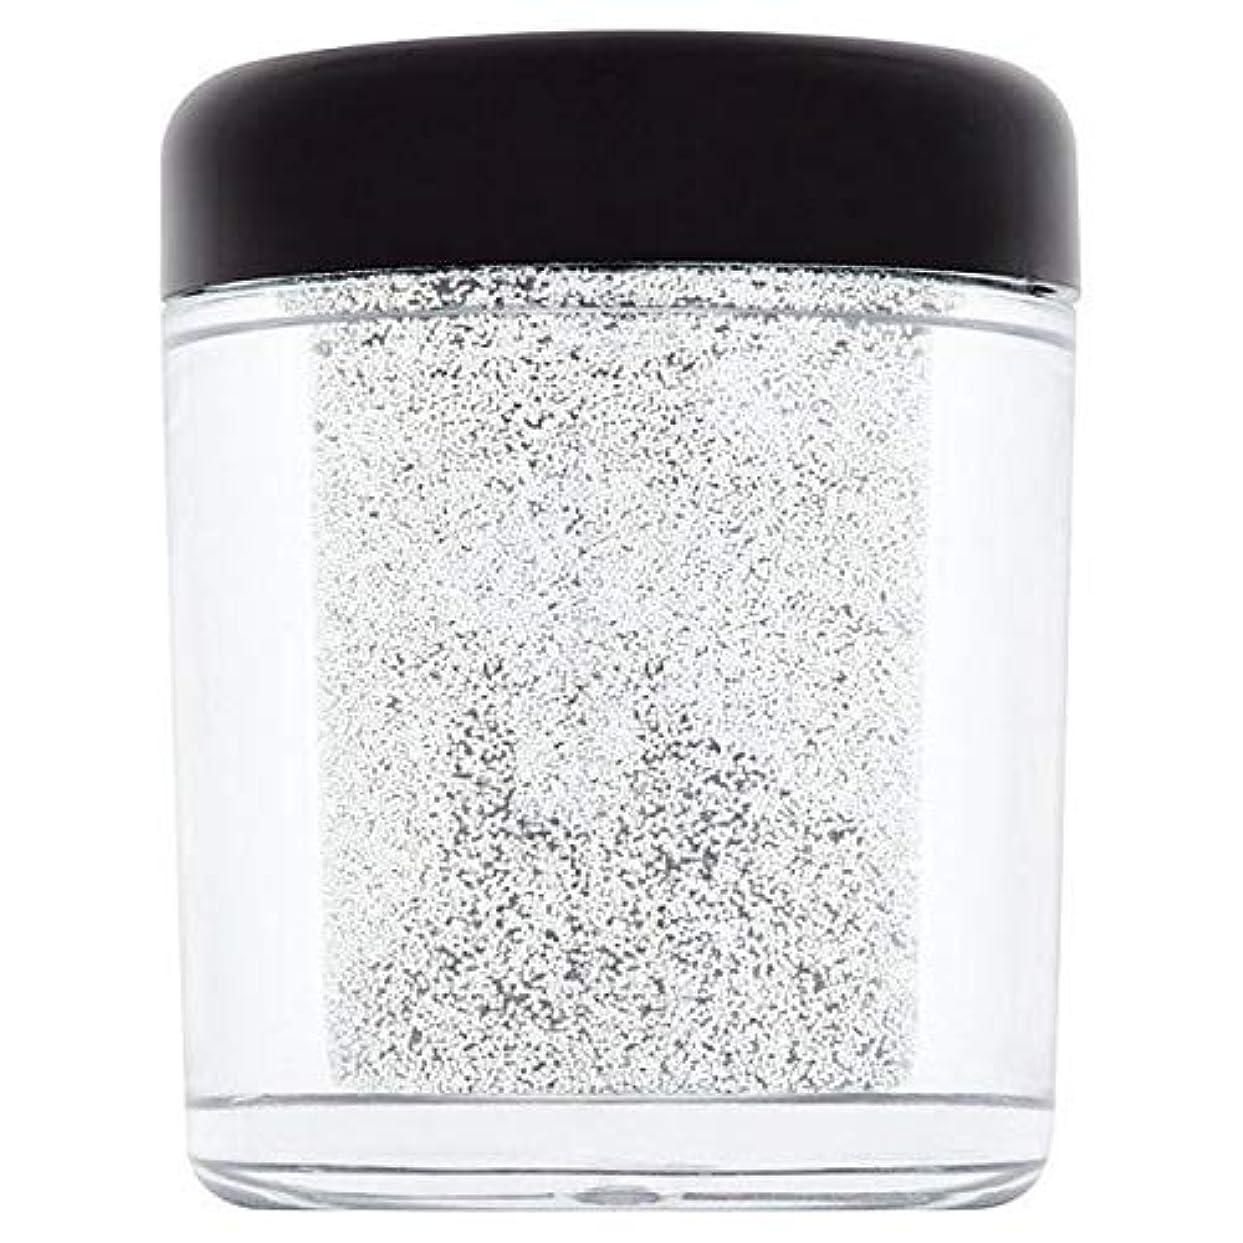 耳有名人フルーツ[Collection ] 天使2を回収グラムの結晶は、フェイス&ボディの輝きが落ち - Collection Glam Crystals Face & Body Glitter Fallen Angel 2 [並行輸入品]